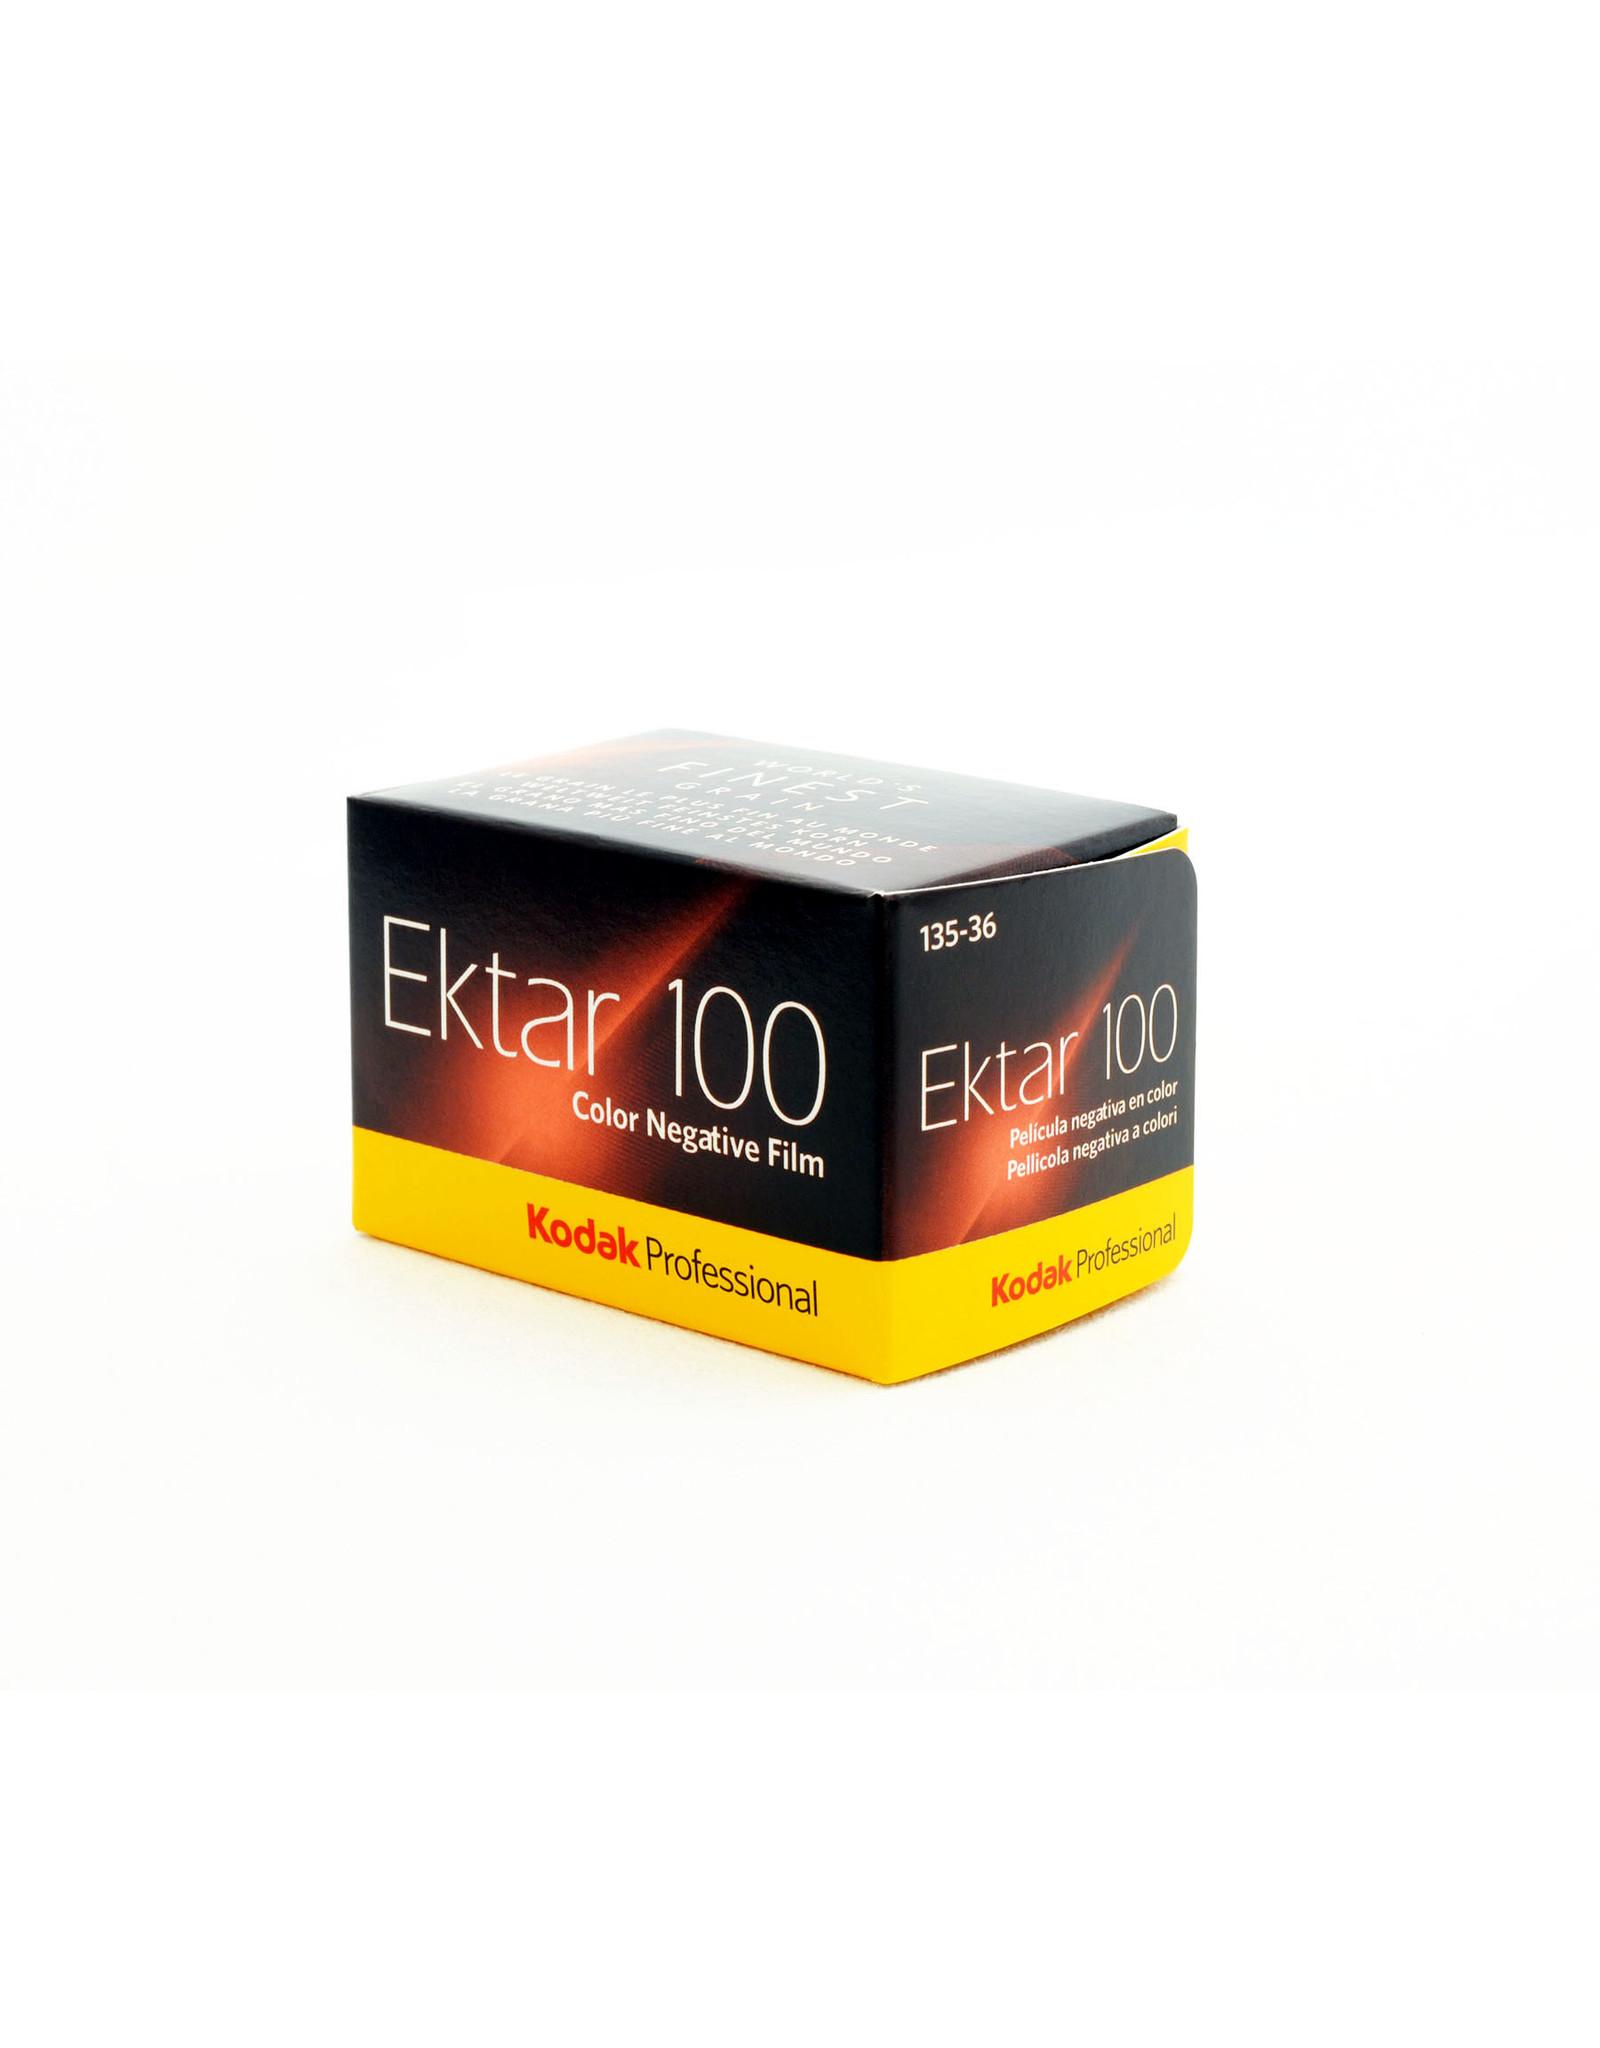 Kodak Kodak Ektar 100 (135/36 exp.)